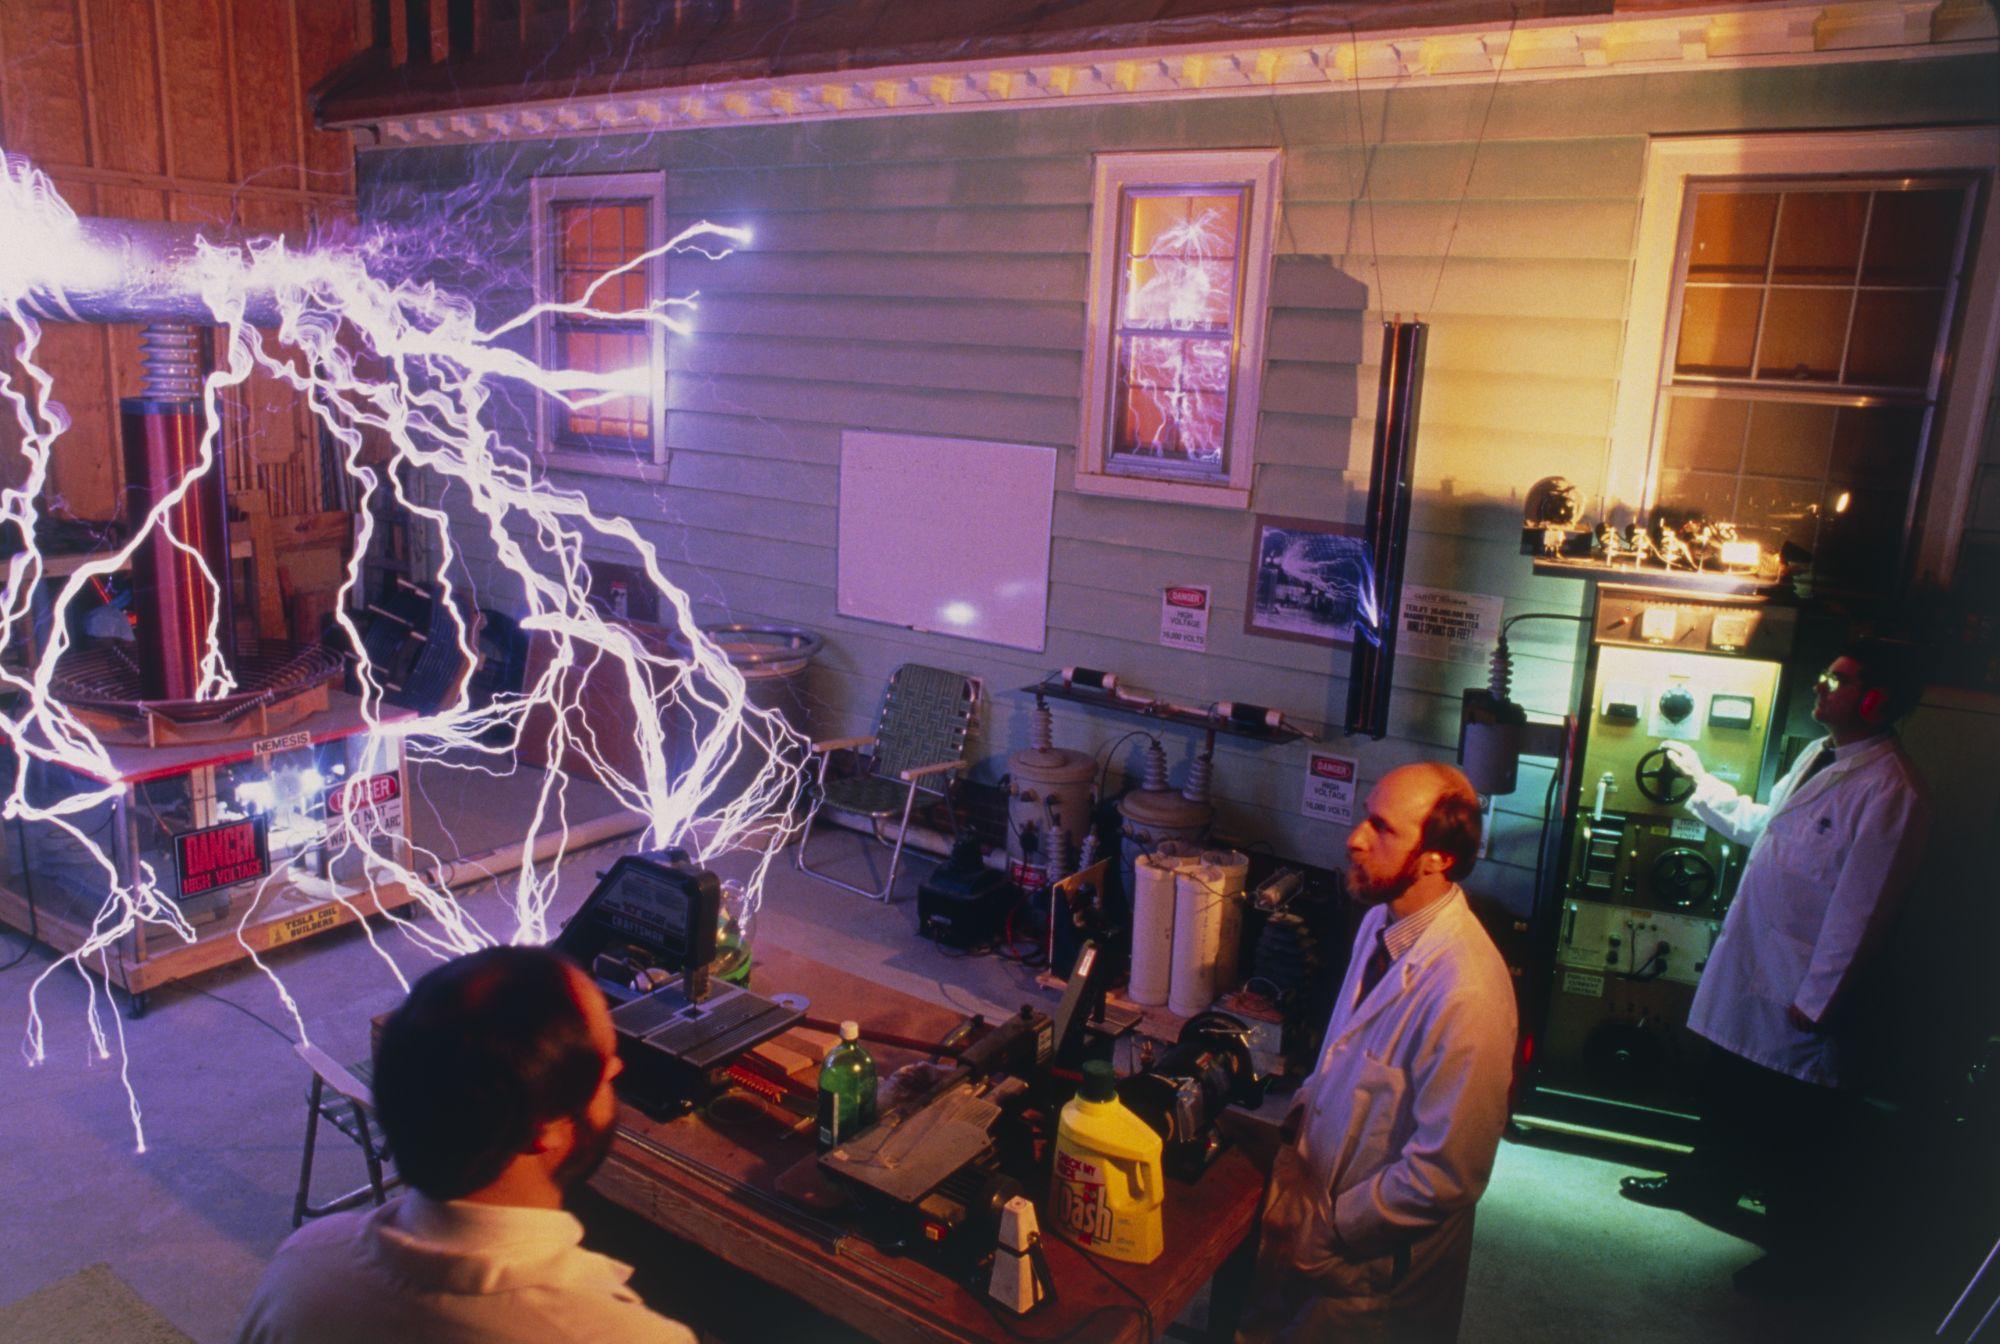 В XXI веке труды Николы Теслы используют в индустрии развлечений. Во всем мире популярно «Тесла-шоу» — представление, которое сопровождается эффектными разрядами электрического тока ввоздухе